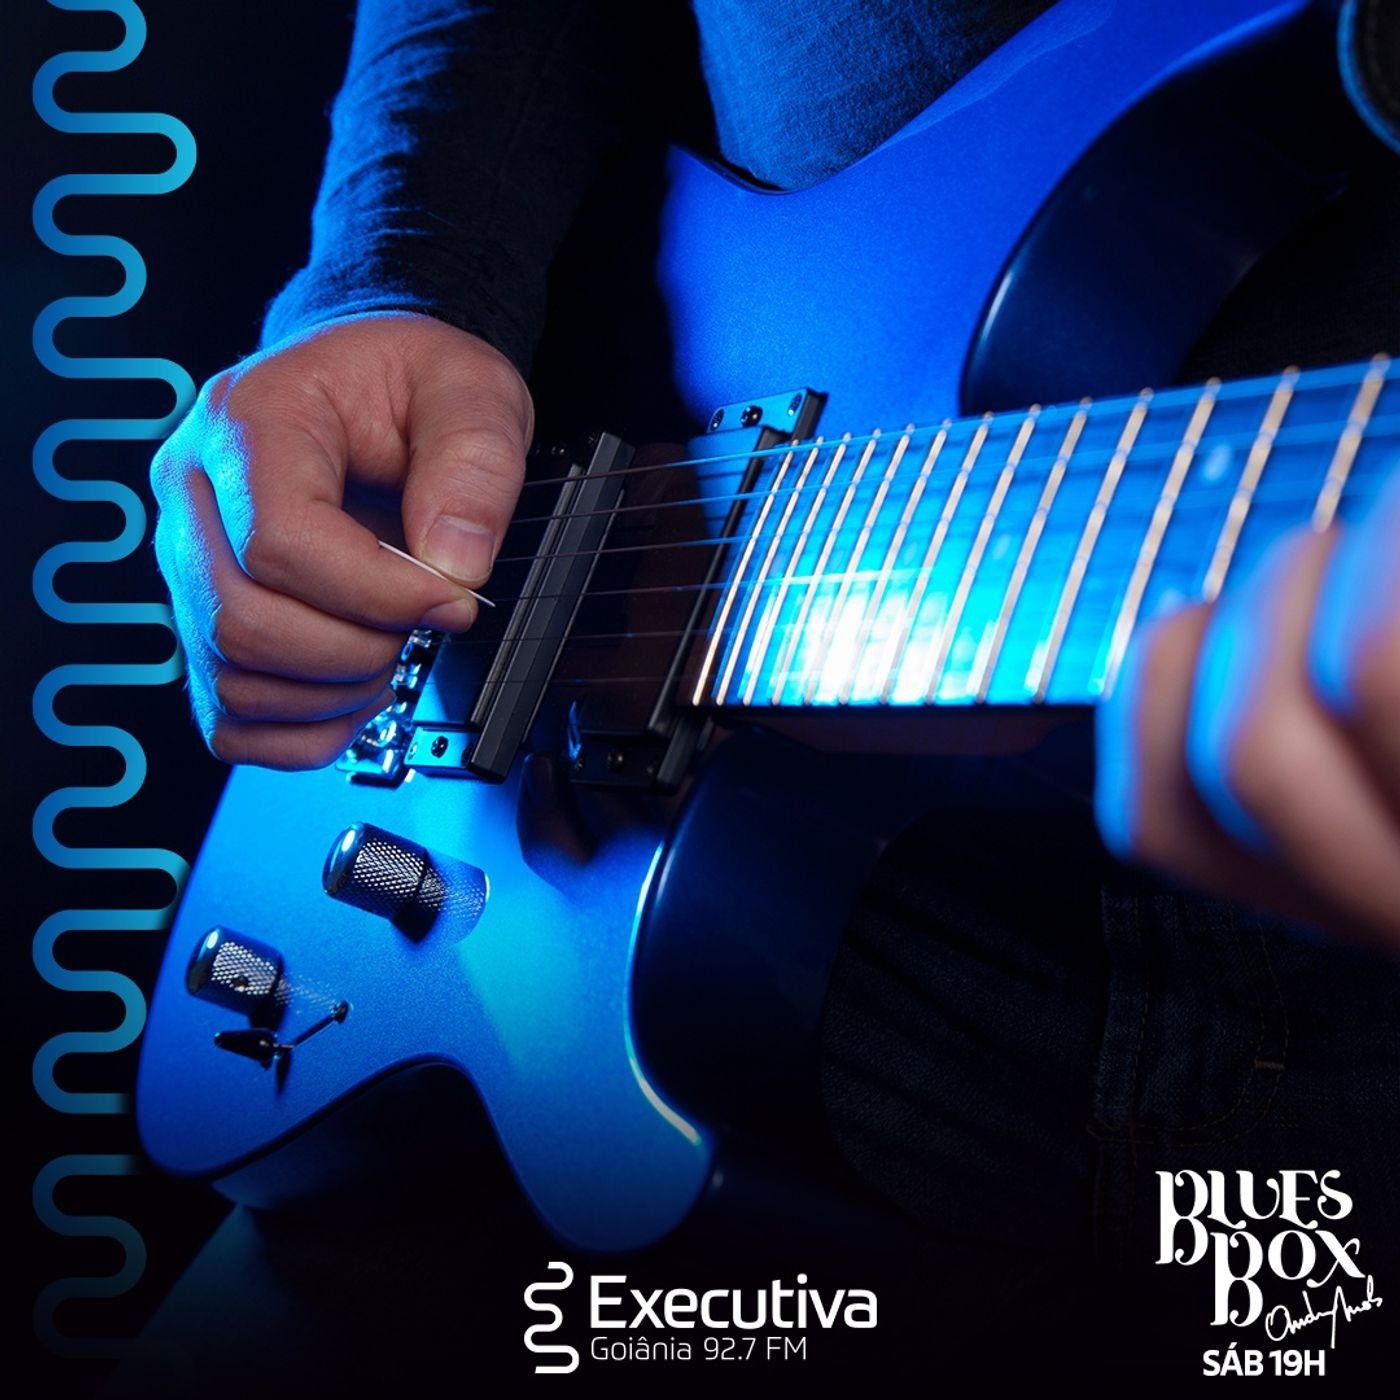 Blues Box - Rádio Executiva - 06 de Março de 2021